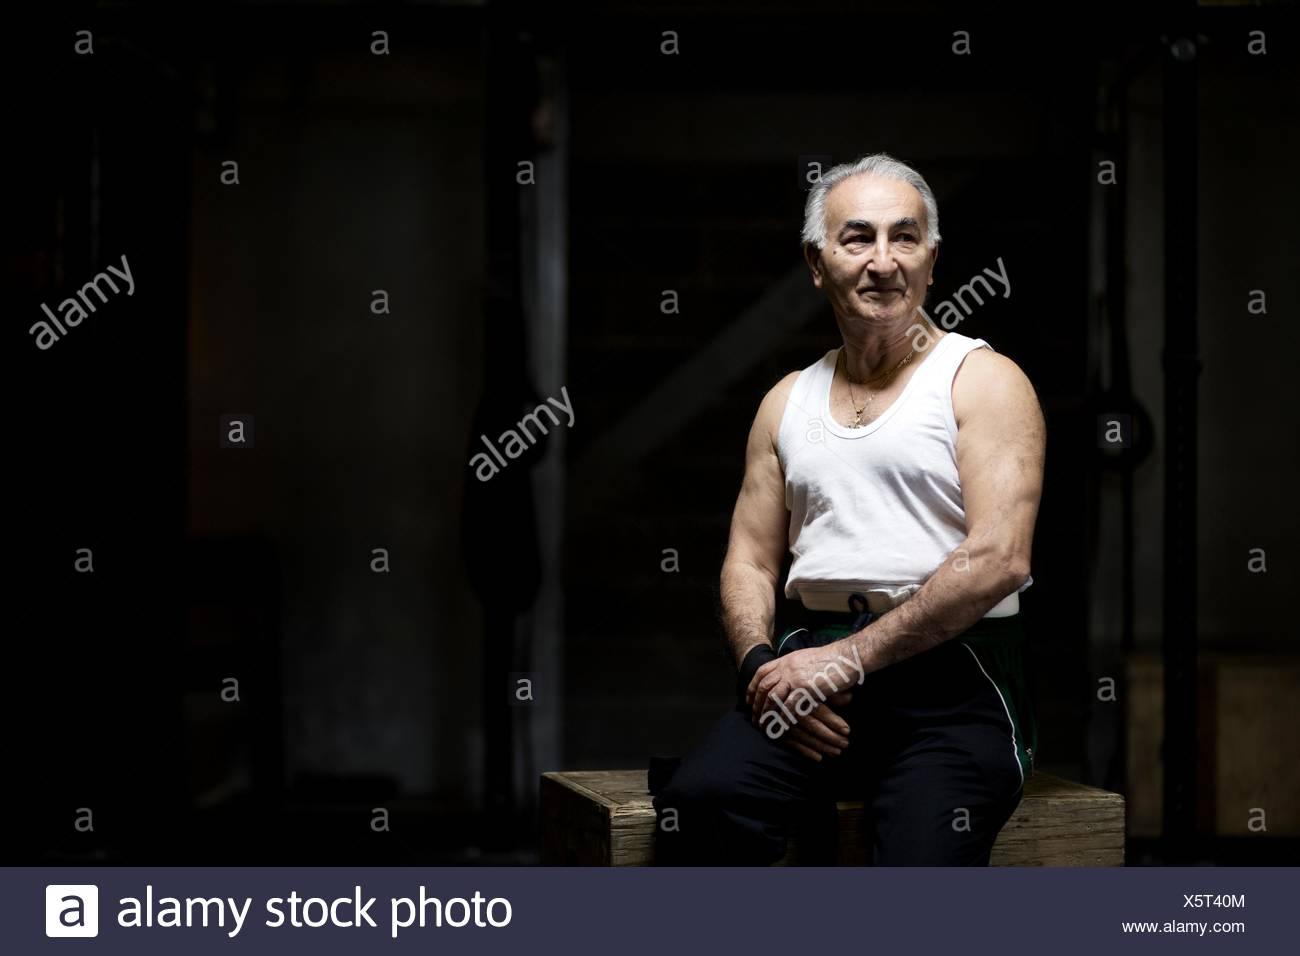 Ritratto di capelli grigi senior uomo seduto nel buio della palestra  Immagini Stock b933109bcfc7